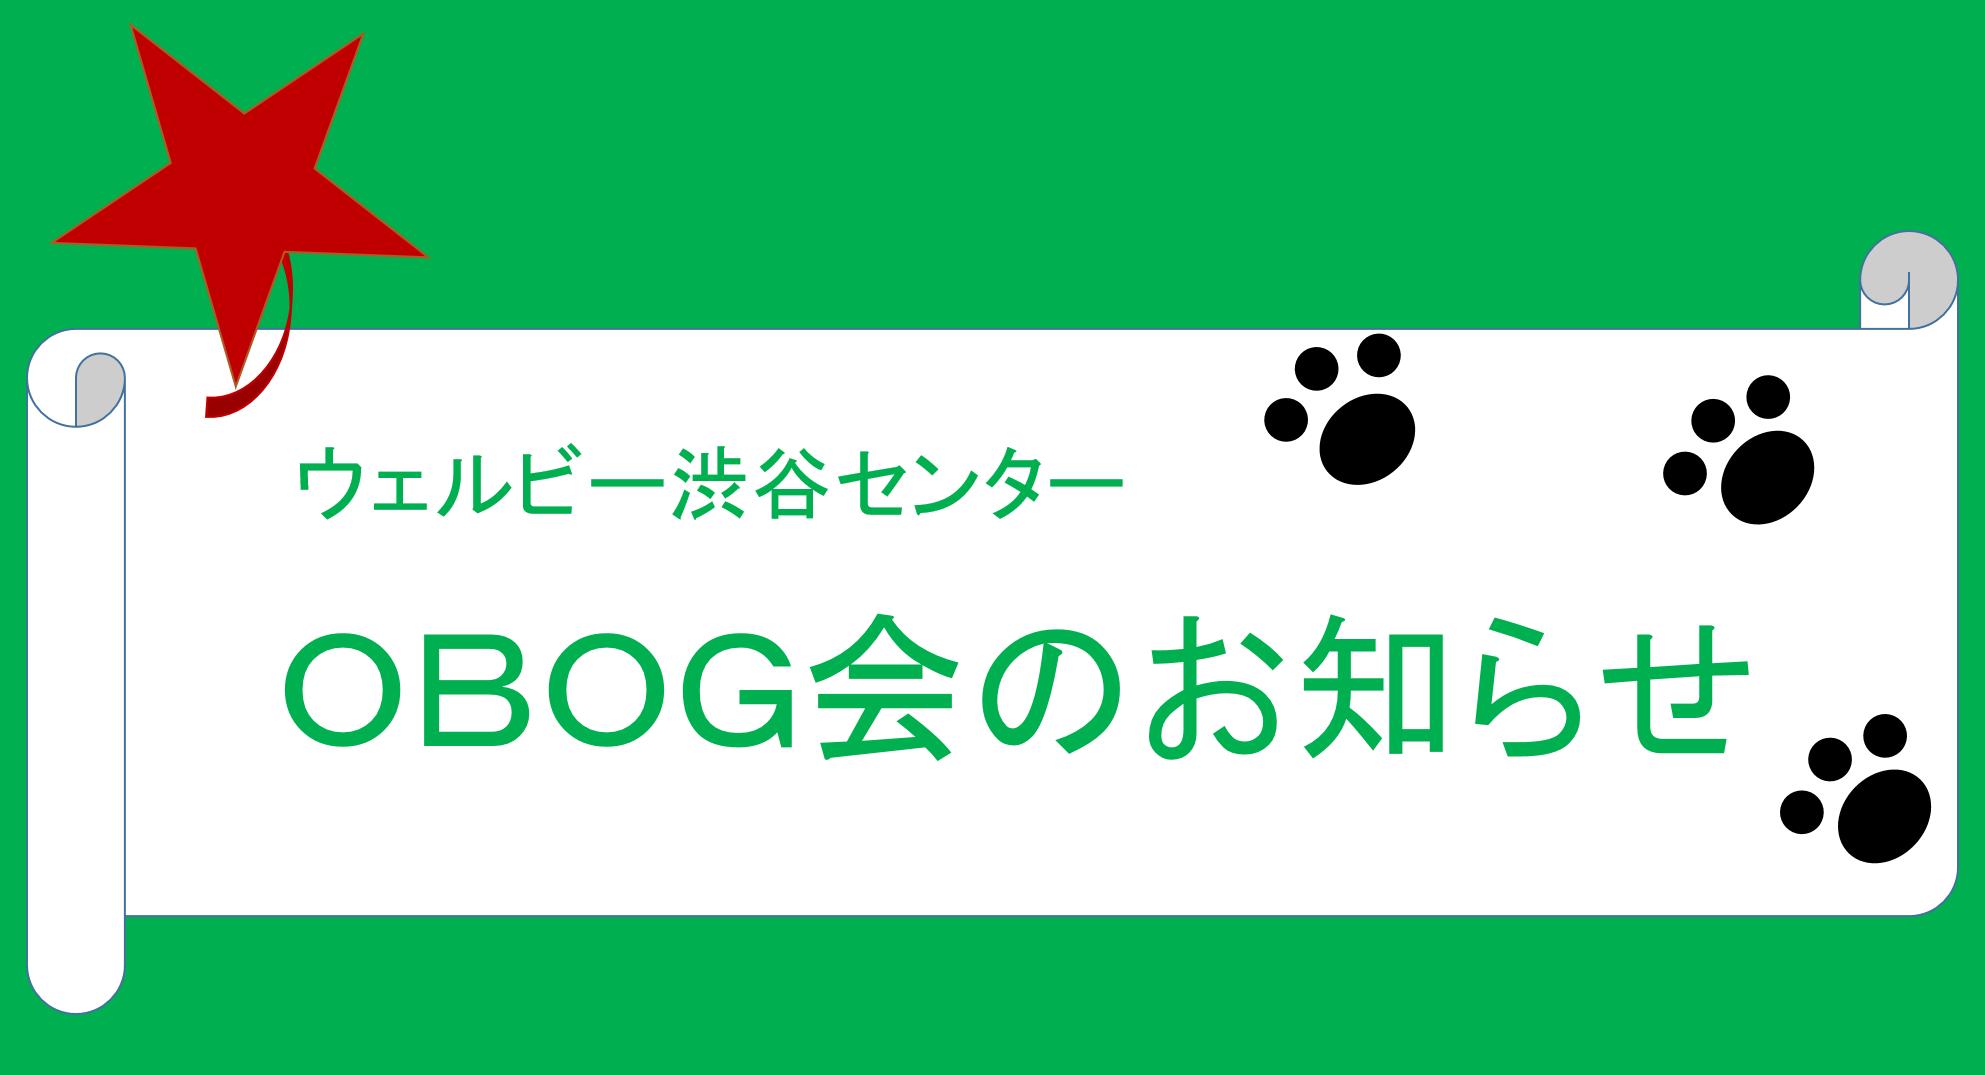 OBOG会キャッチ2